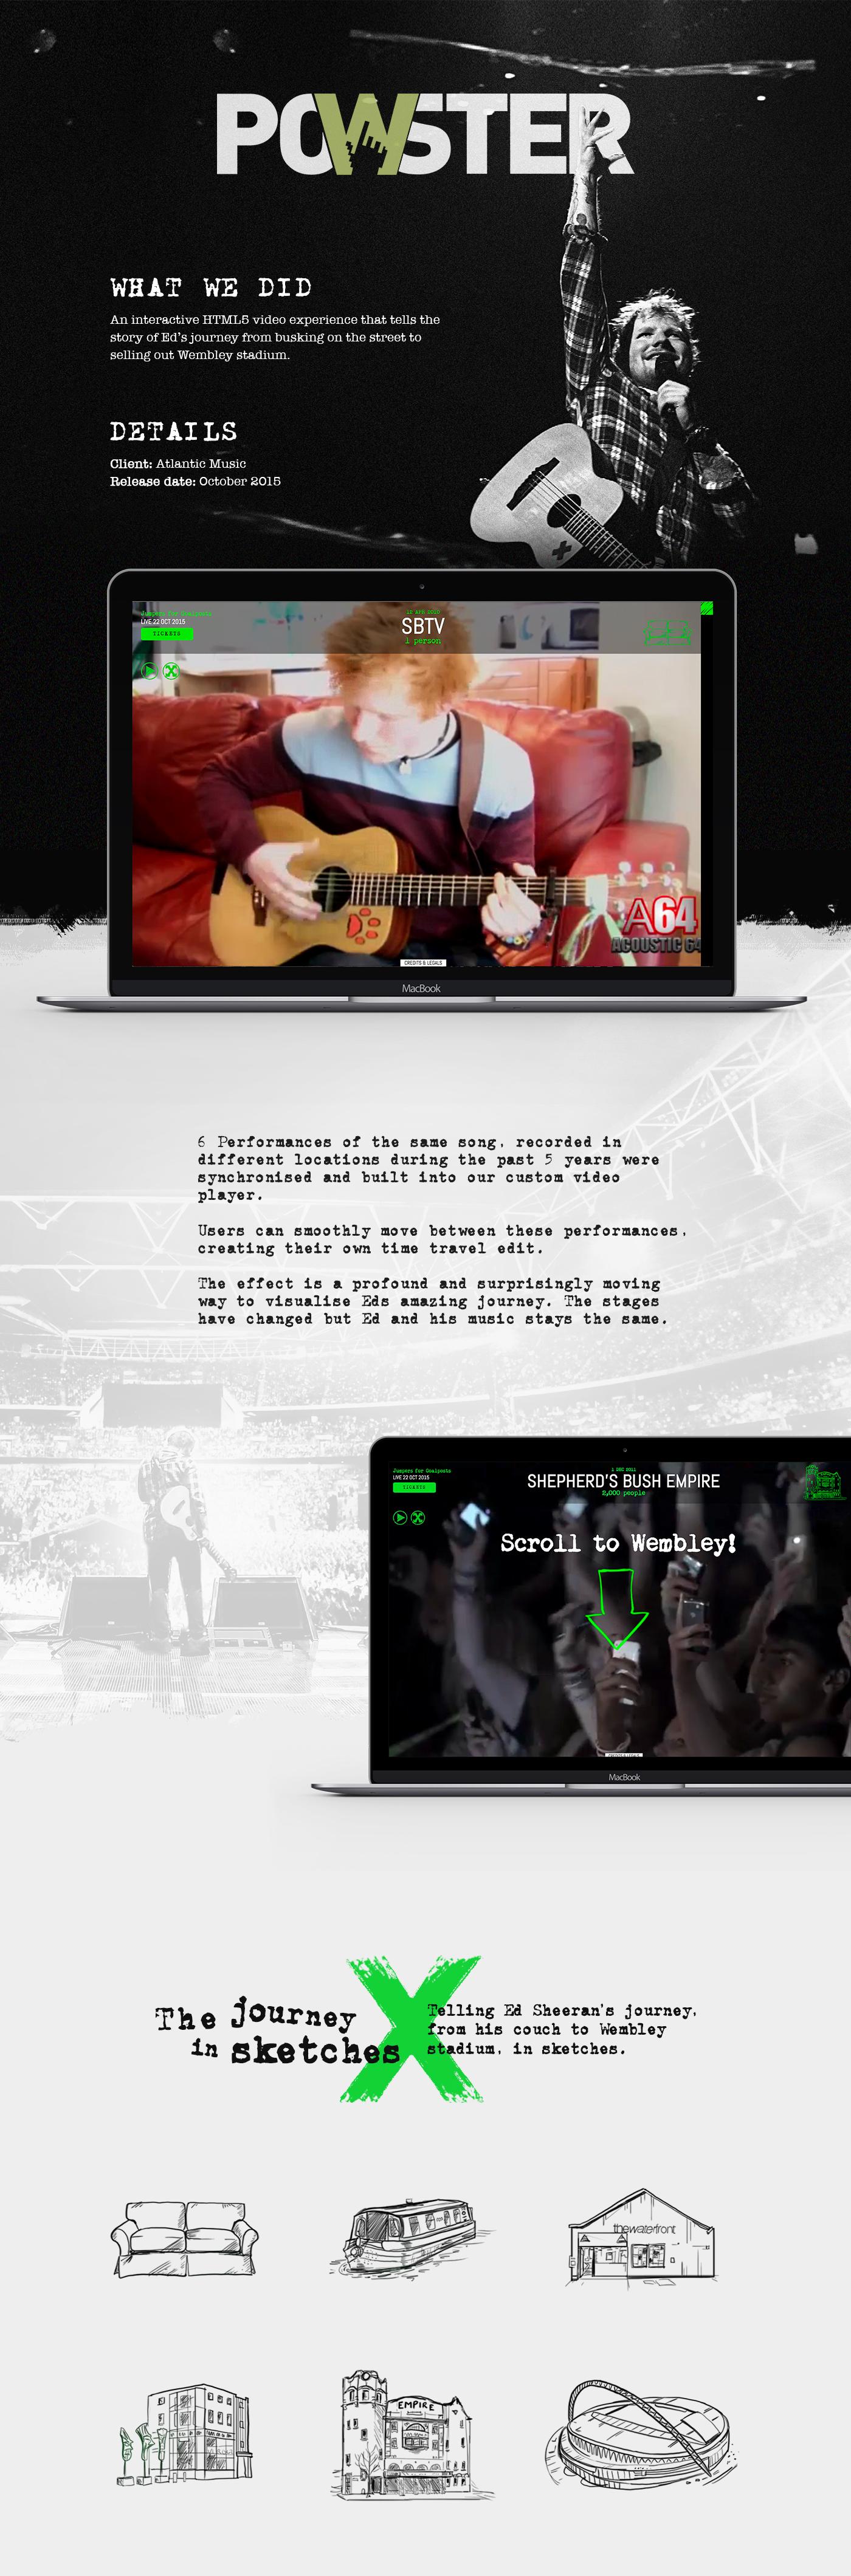 ed sheeran Wembley gig Website atlantic movie website